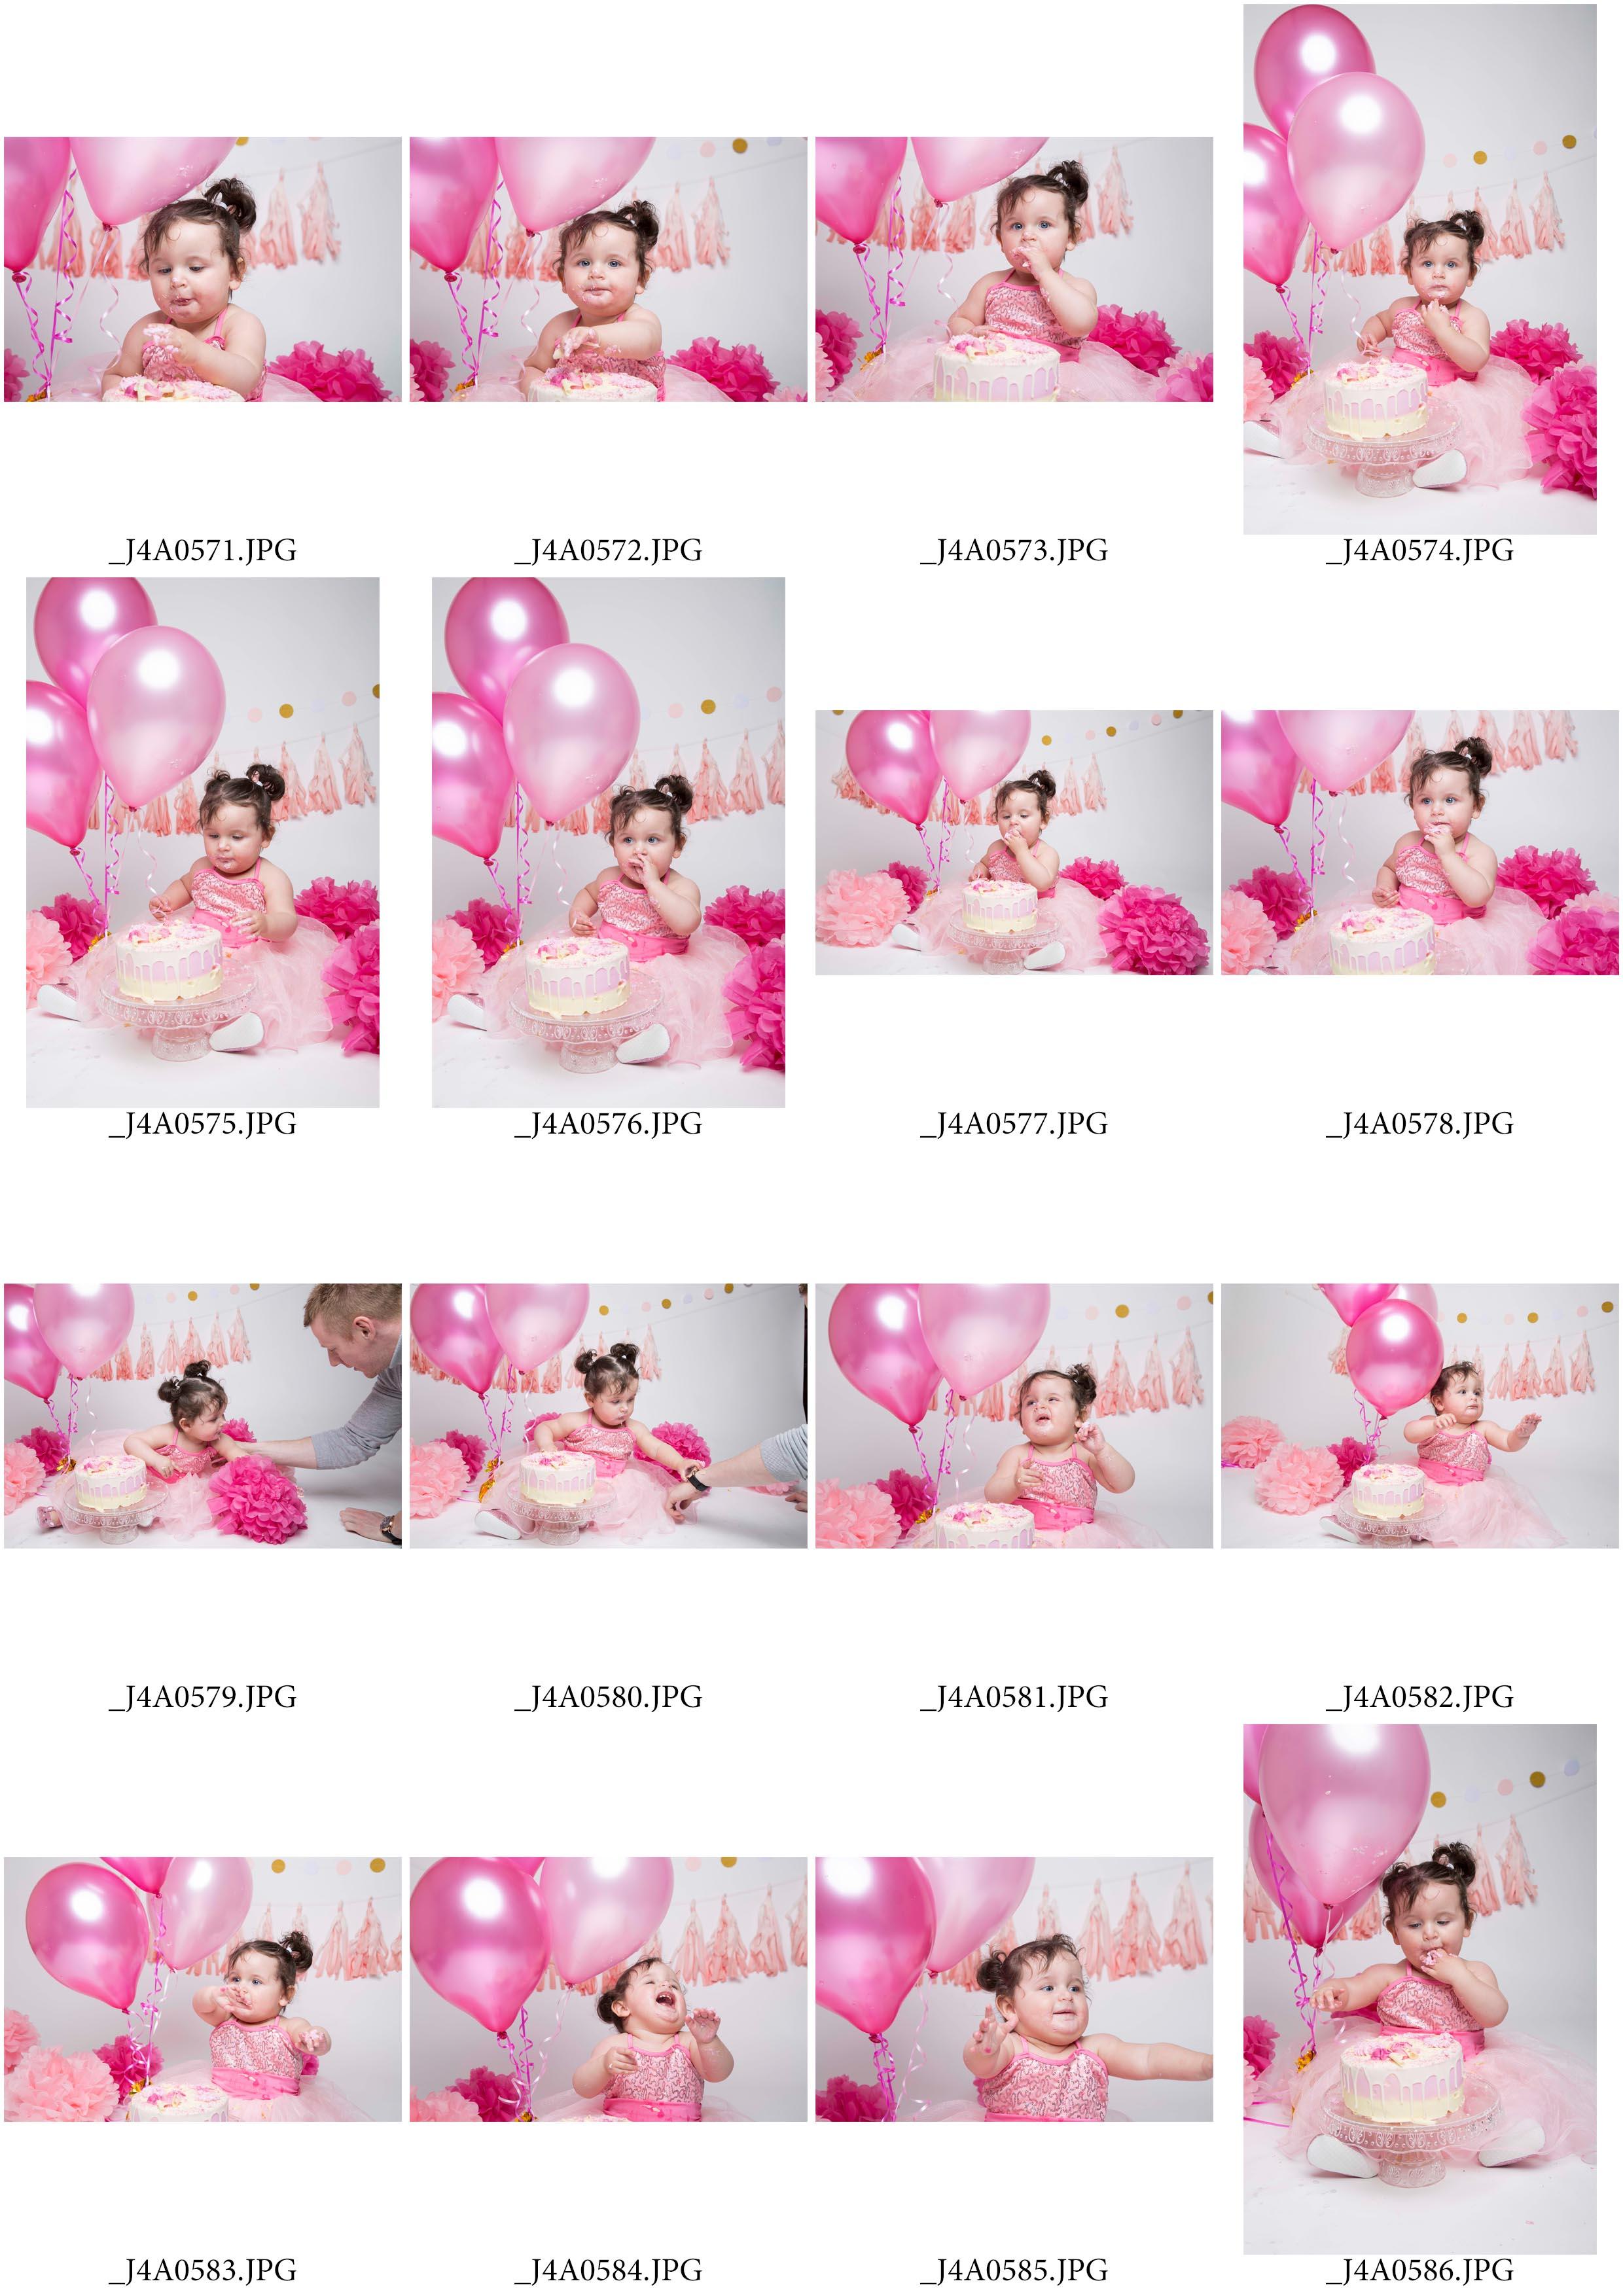 ContactSheet-012 copy.jpg